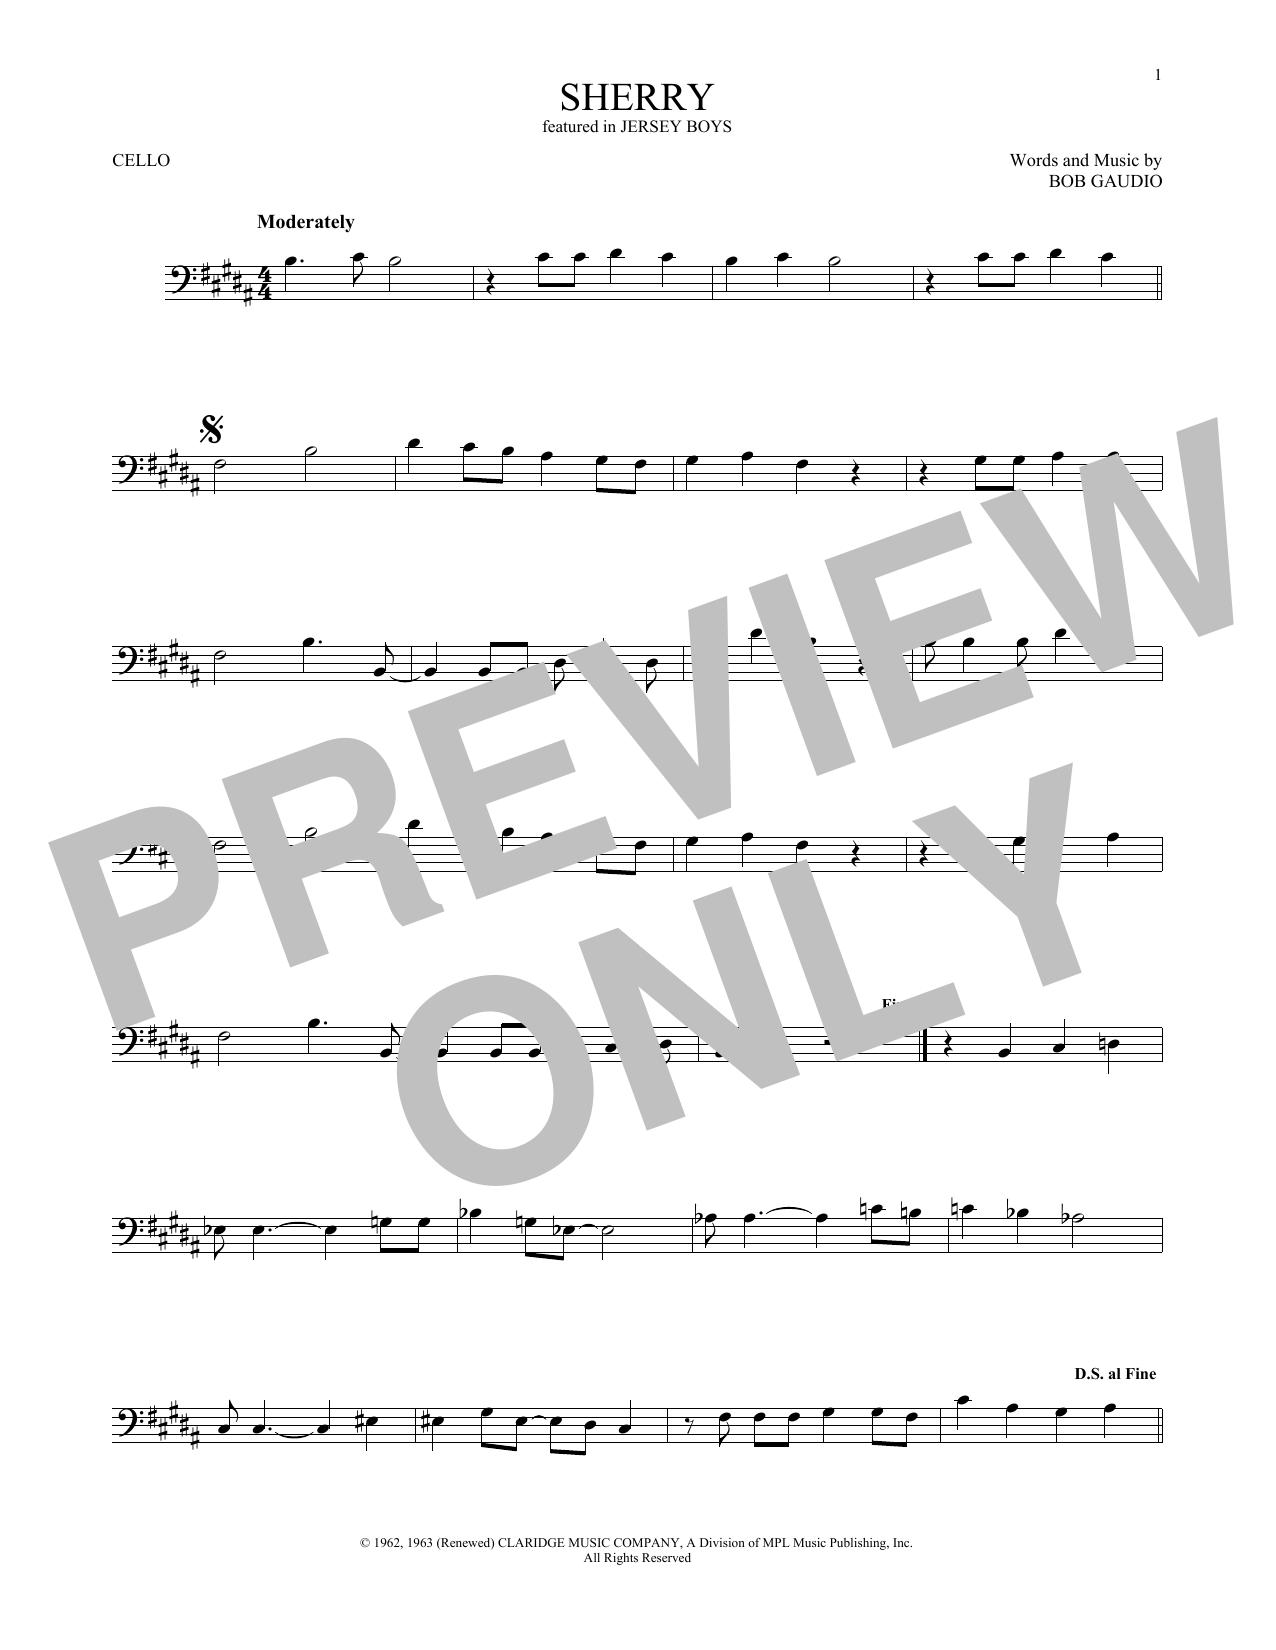 Sherry (Cello Solo)